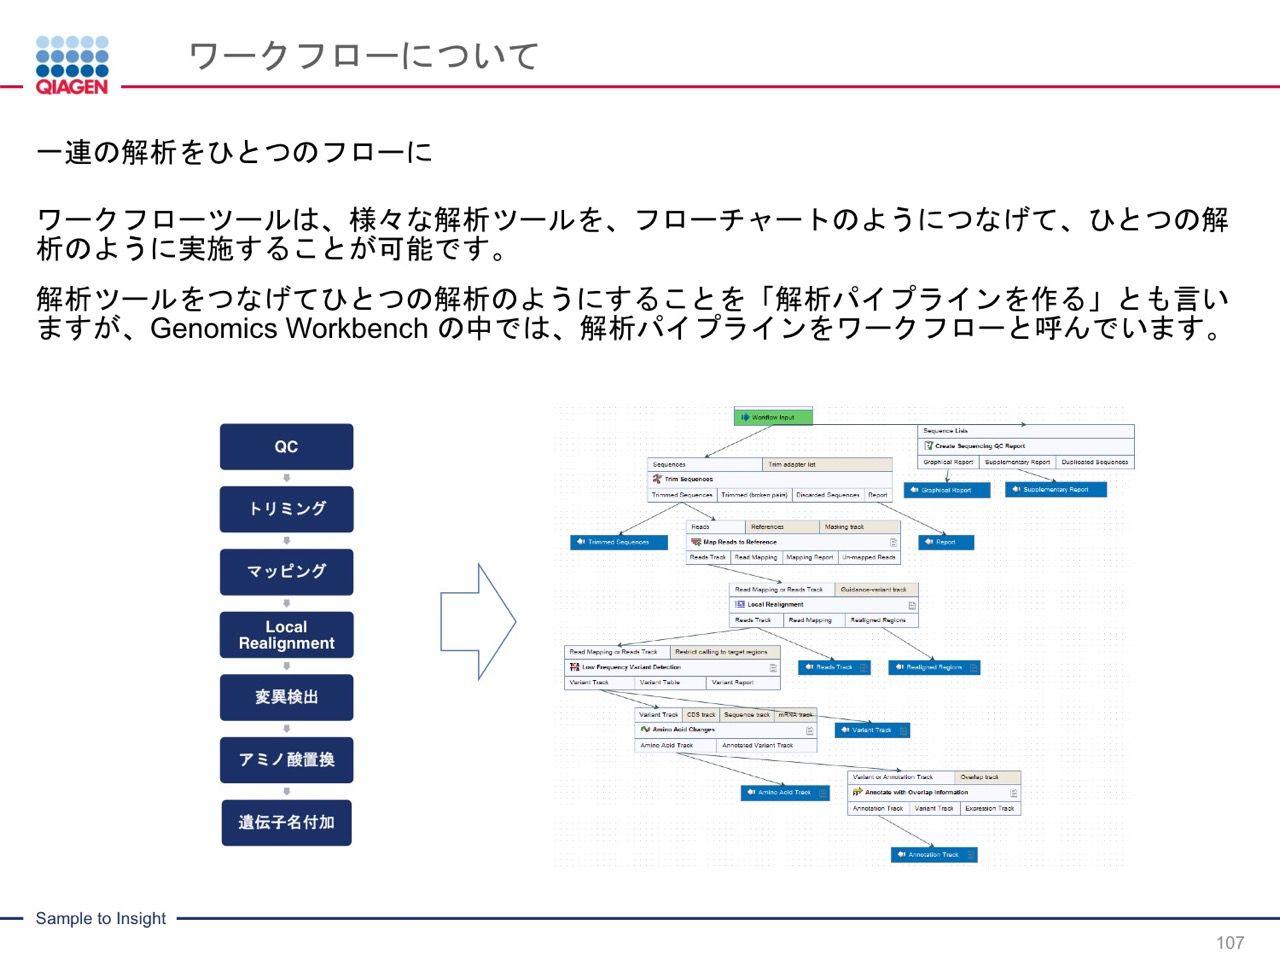 images/AJACSa2_miyamoto_107.jpg